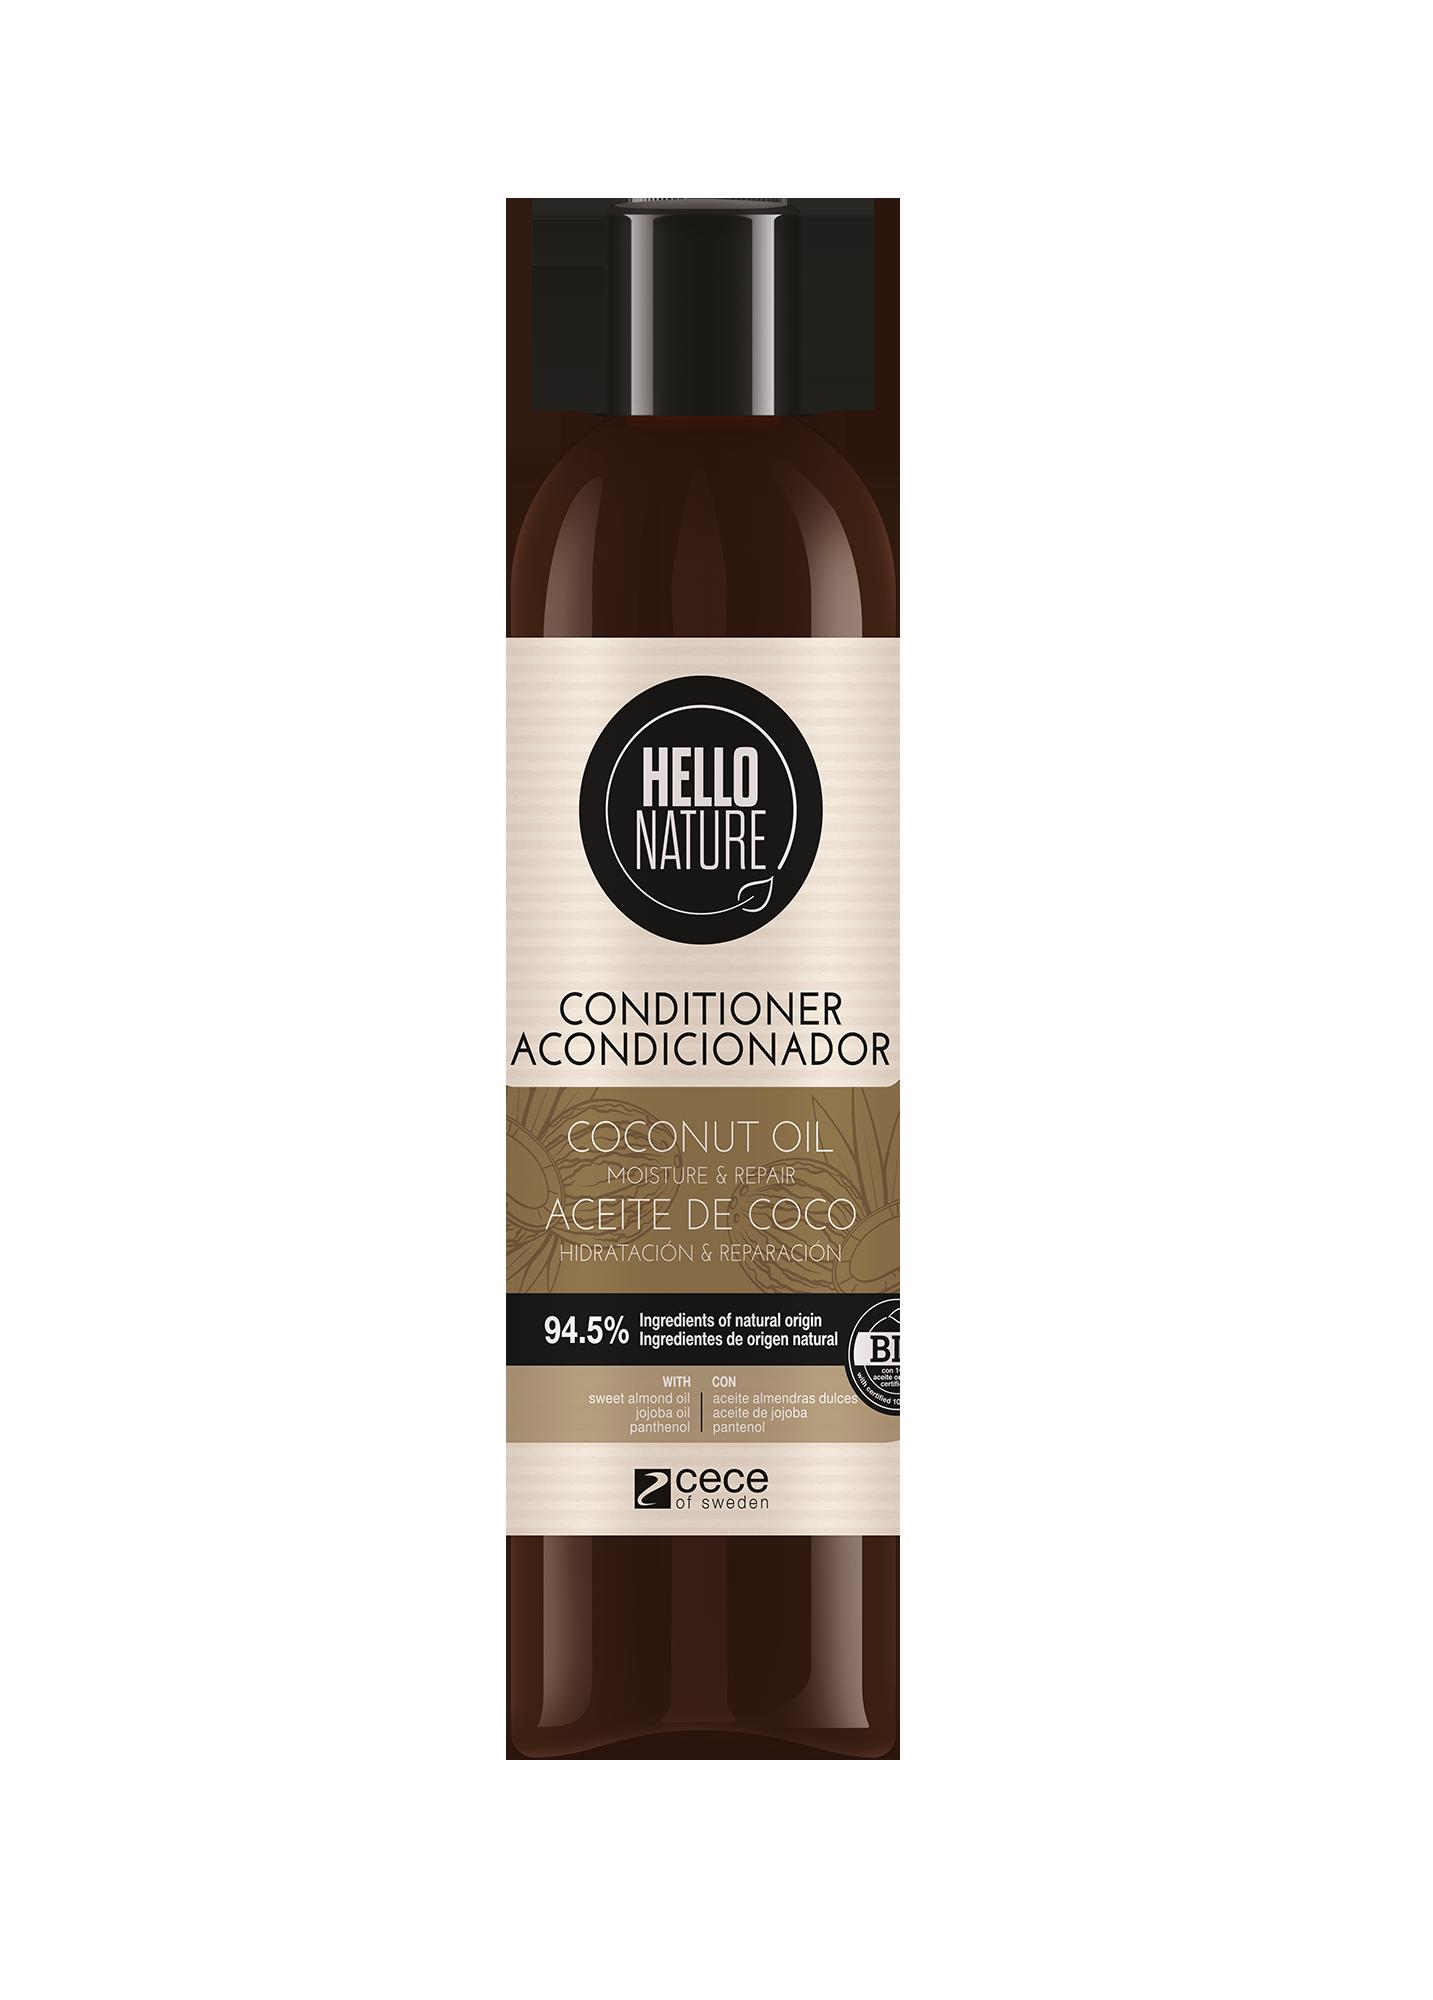 CeCe Hello Nature Coconut Oil